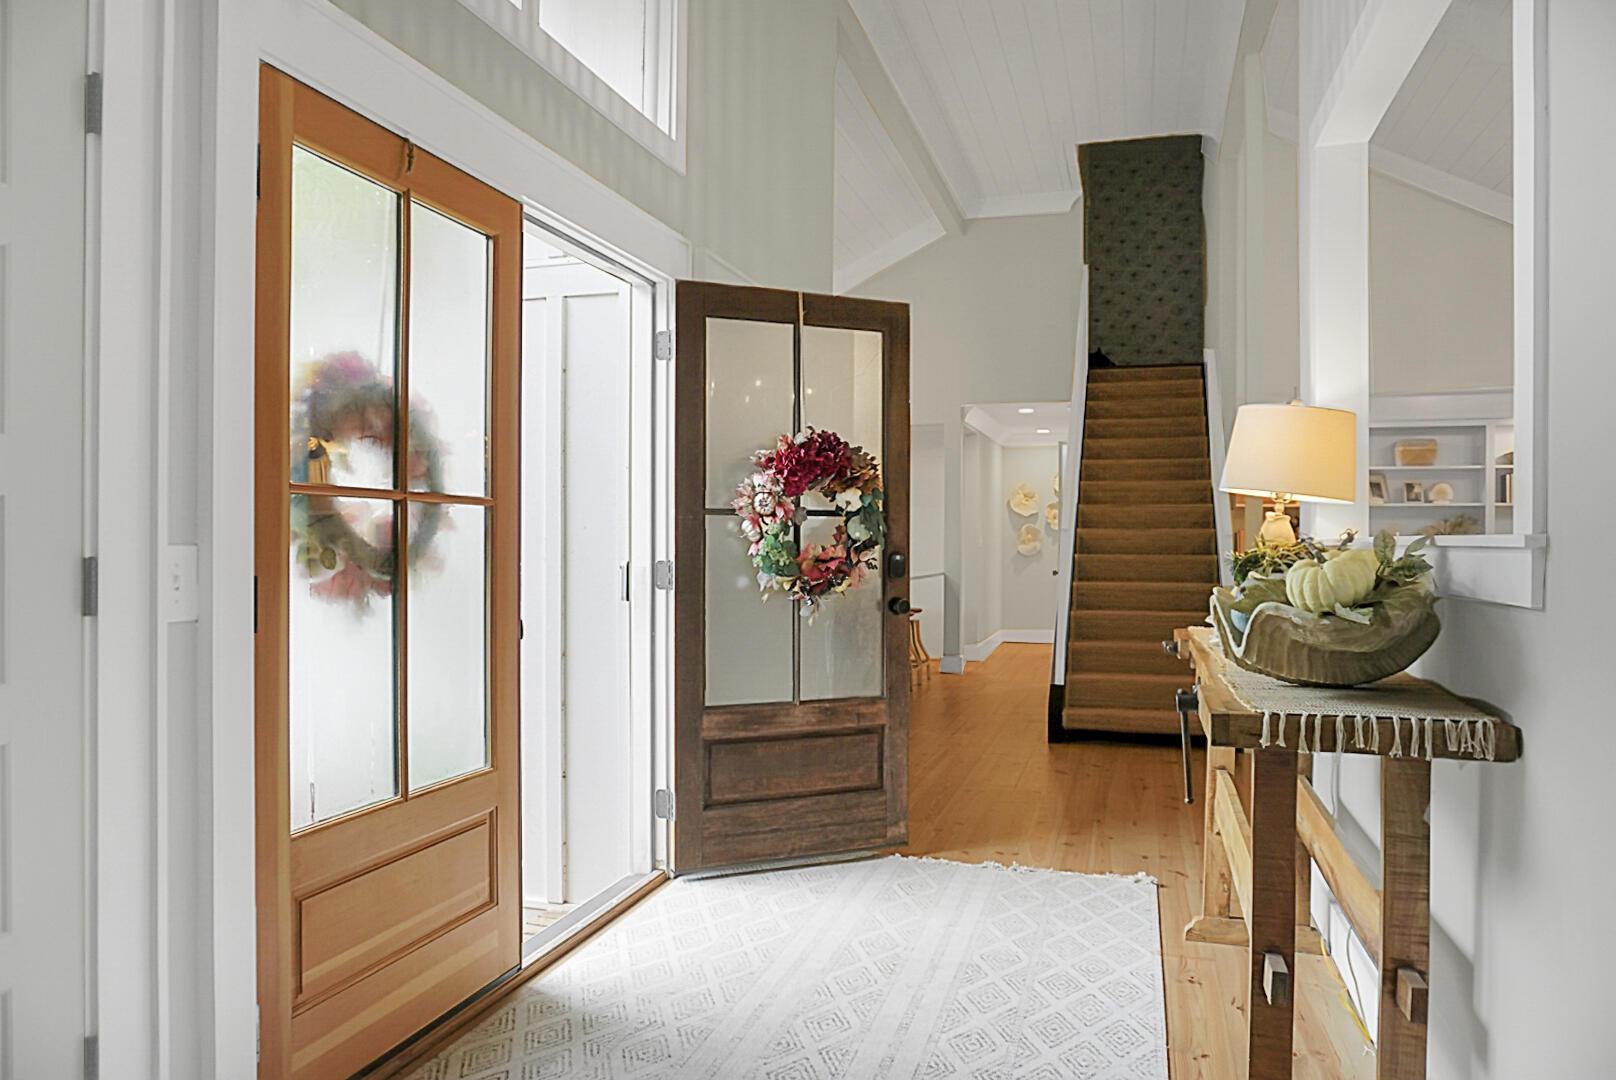 Sandhurst Homes For Sale - 37 Eton, Charleston, SC - 8